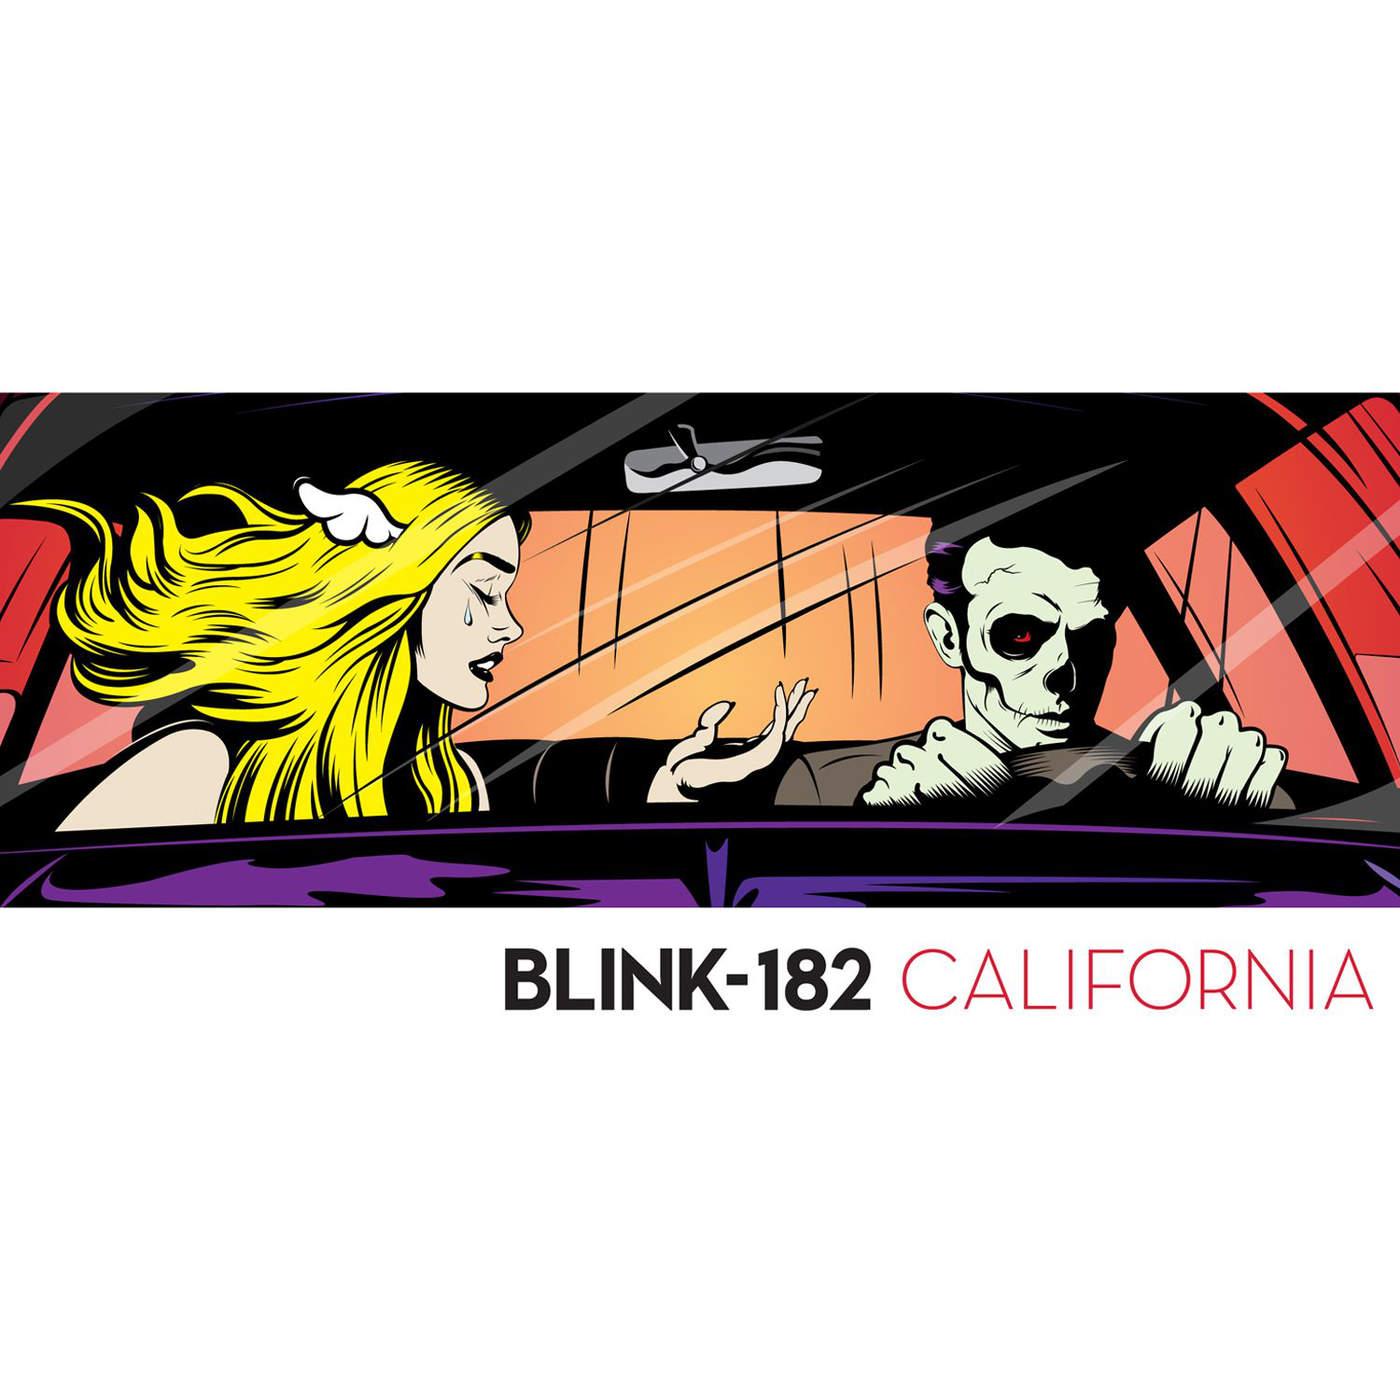 blink-182 - California Cover